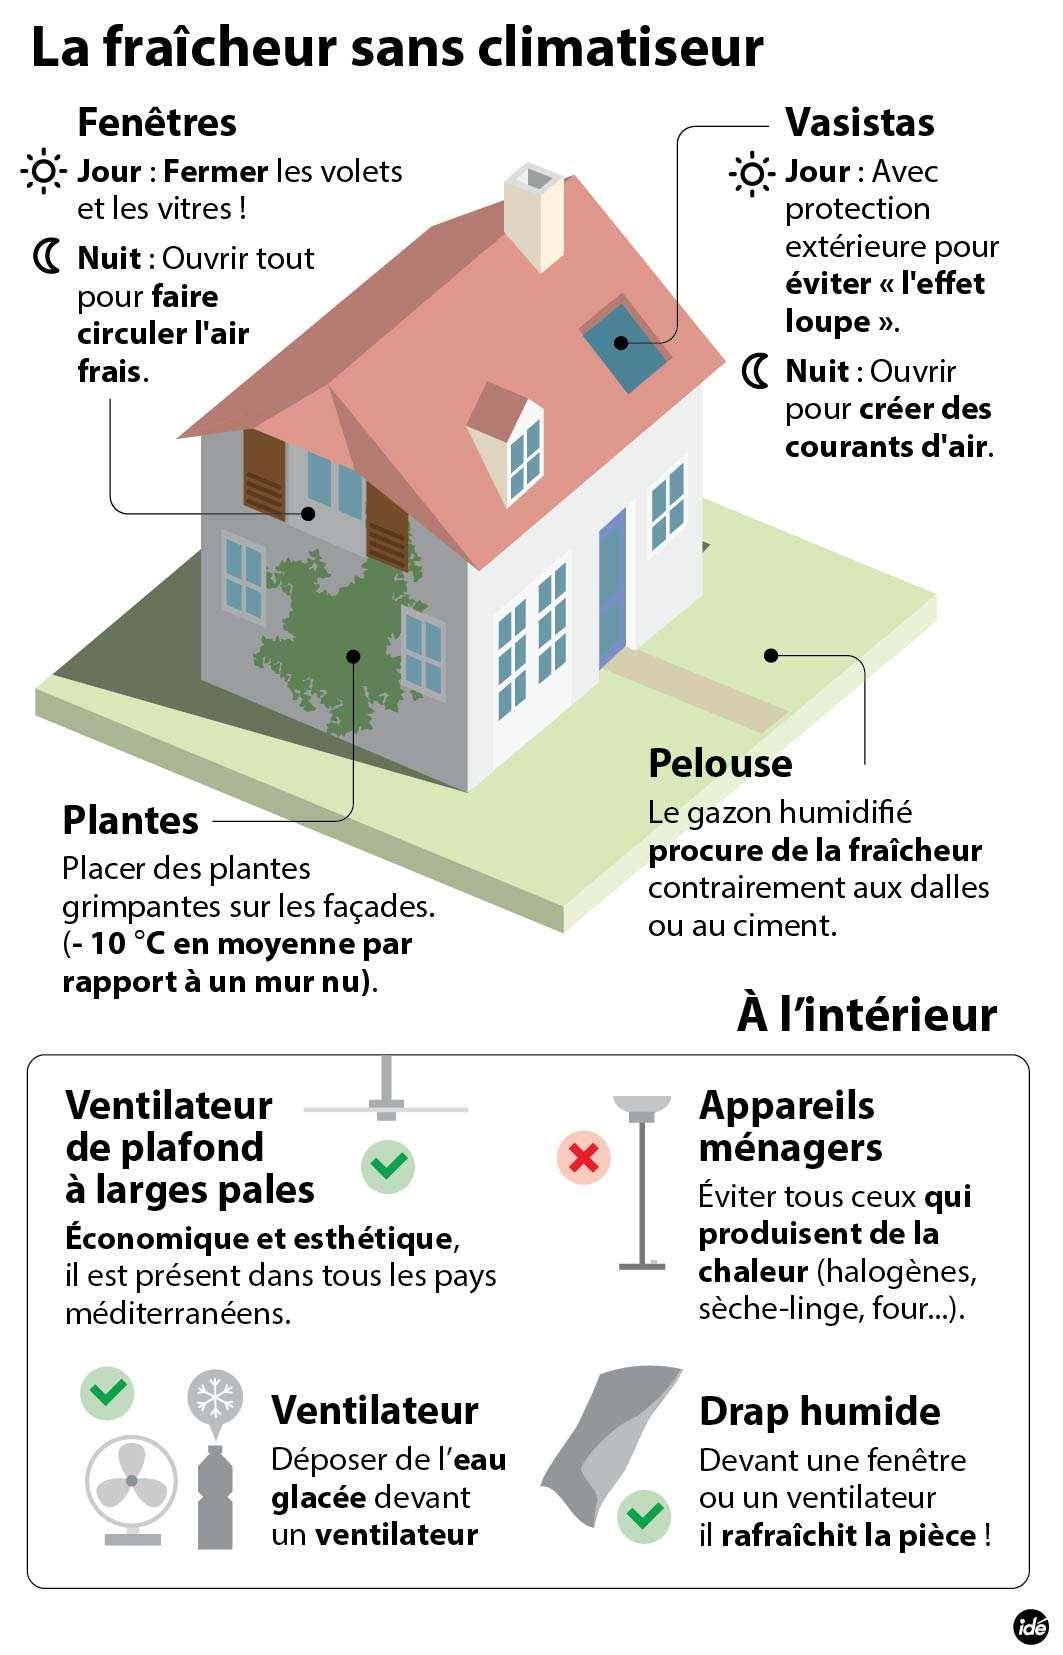 Il est possible de rafraîchir sa maison facilement, sans compter systématiquement sur un climatiseur. Par exemple, les ventilateurs de plafond sont plus économiques. Un mur couvert de plantes ou un gazon humide aideront à garder un domicile plus frais. © Idé